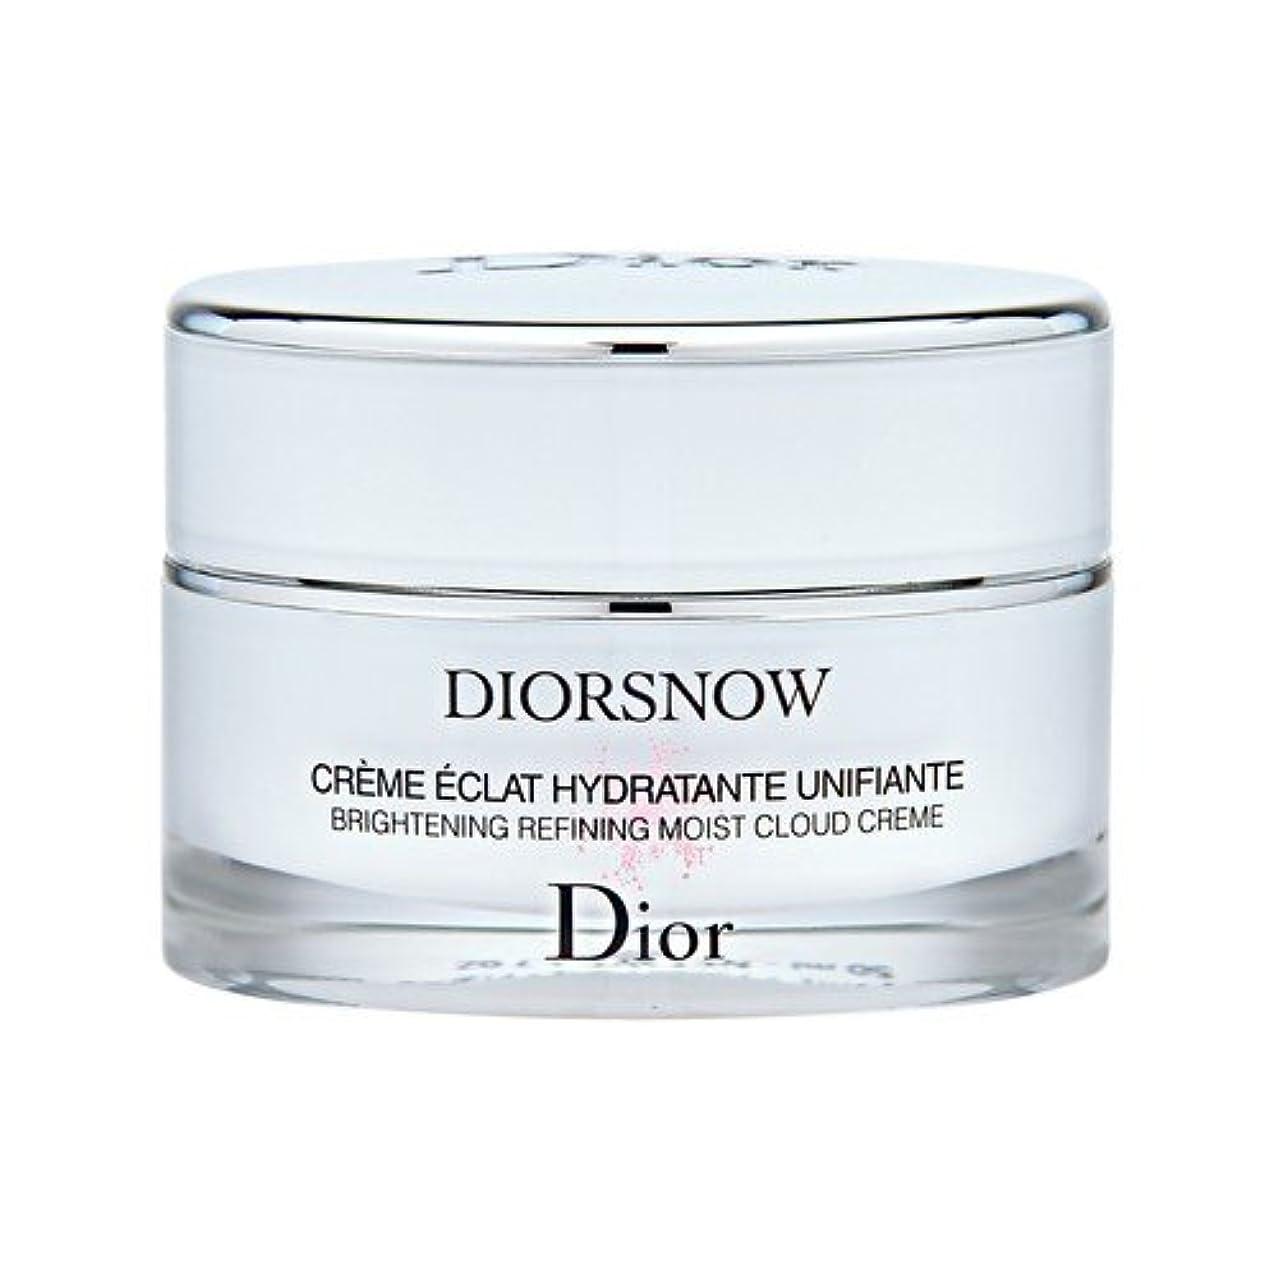 グローリル偉業クリスチャン ディオール(Christian Dior) スノー ブライトニング モイスト クリーム 50ml [並行輸入品]